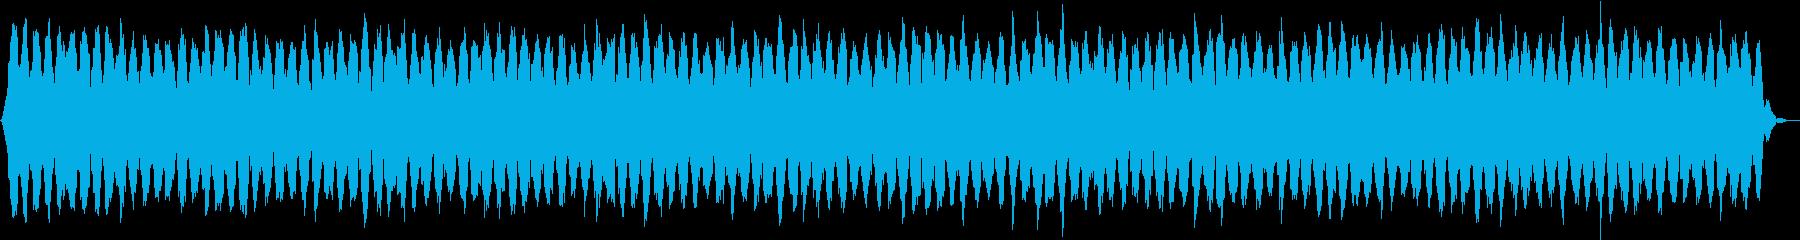 瞑想的な器楽の再生済みの波形